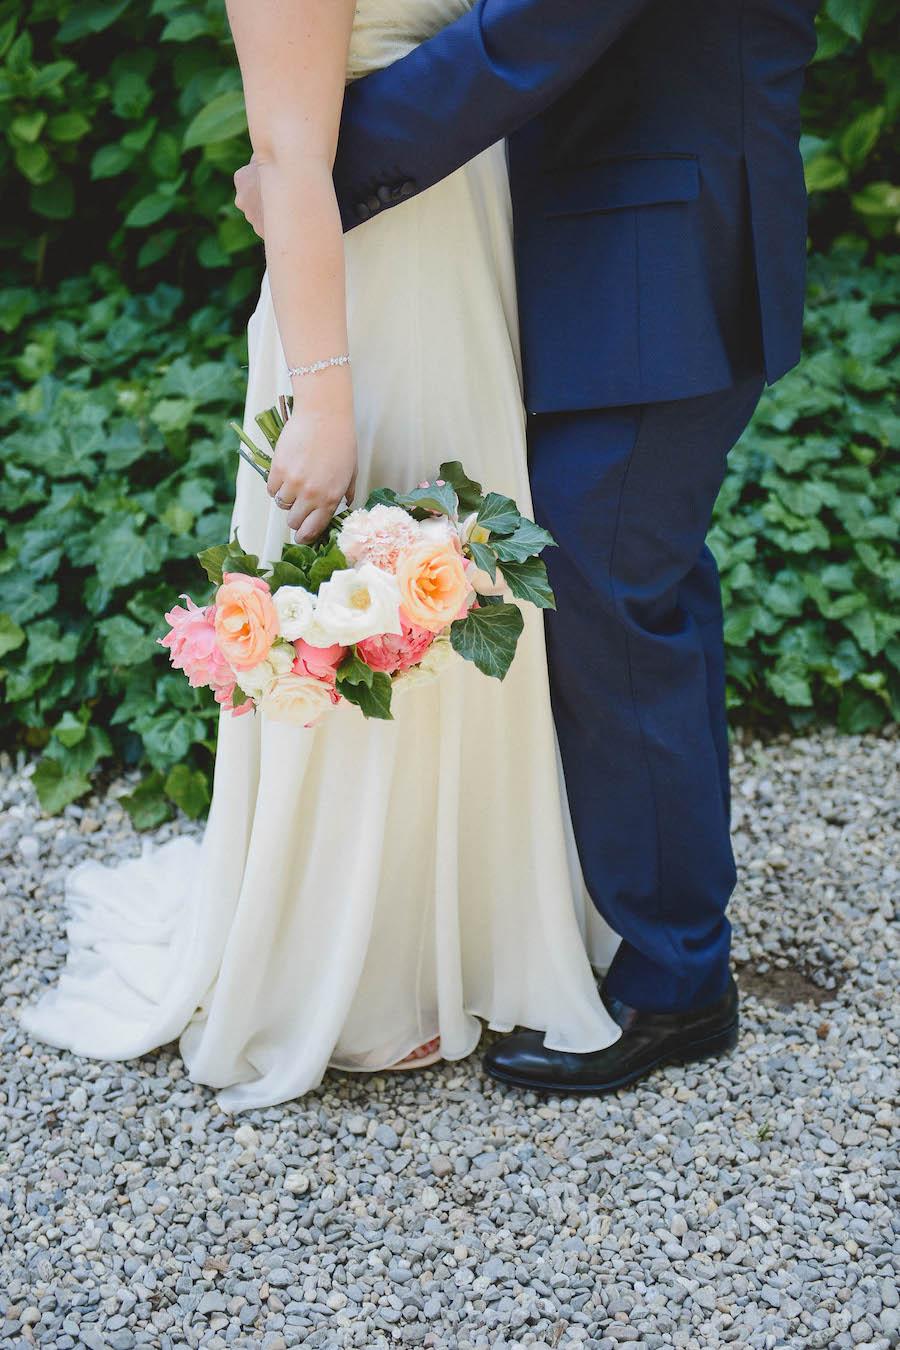 Matrimonio Rustico Colori : Un matrimonio tra rustico vintage e mille colori